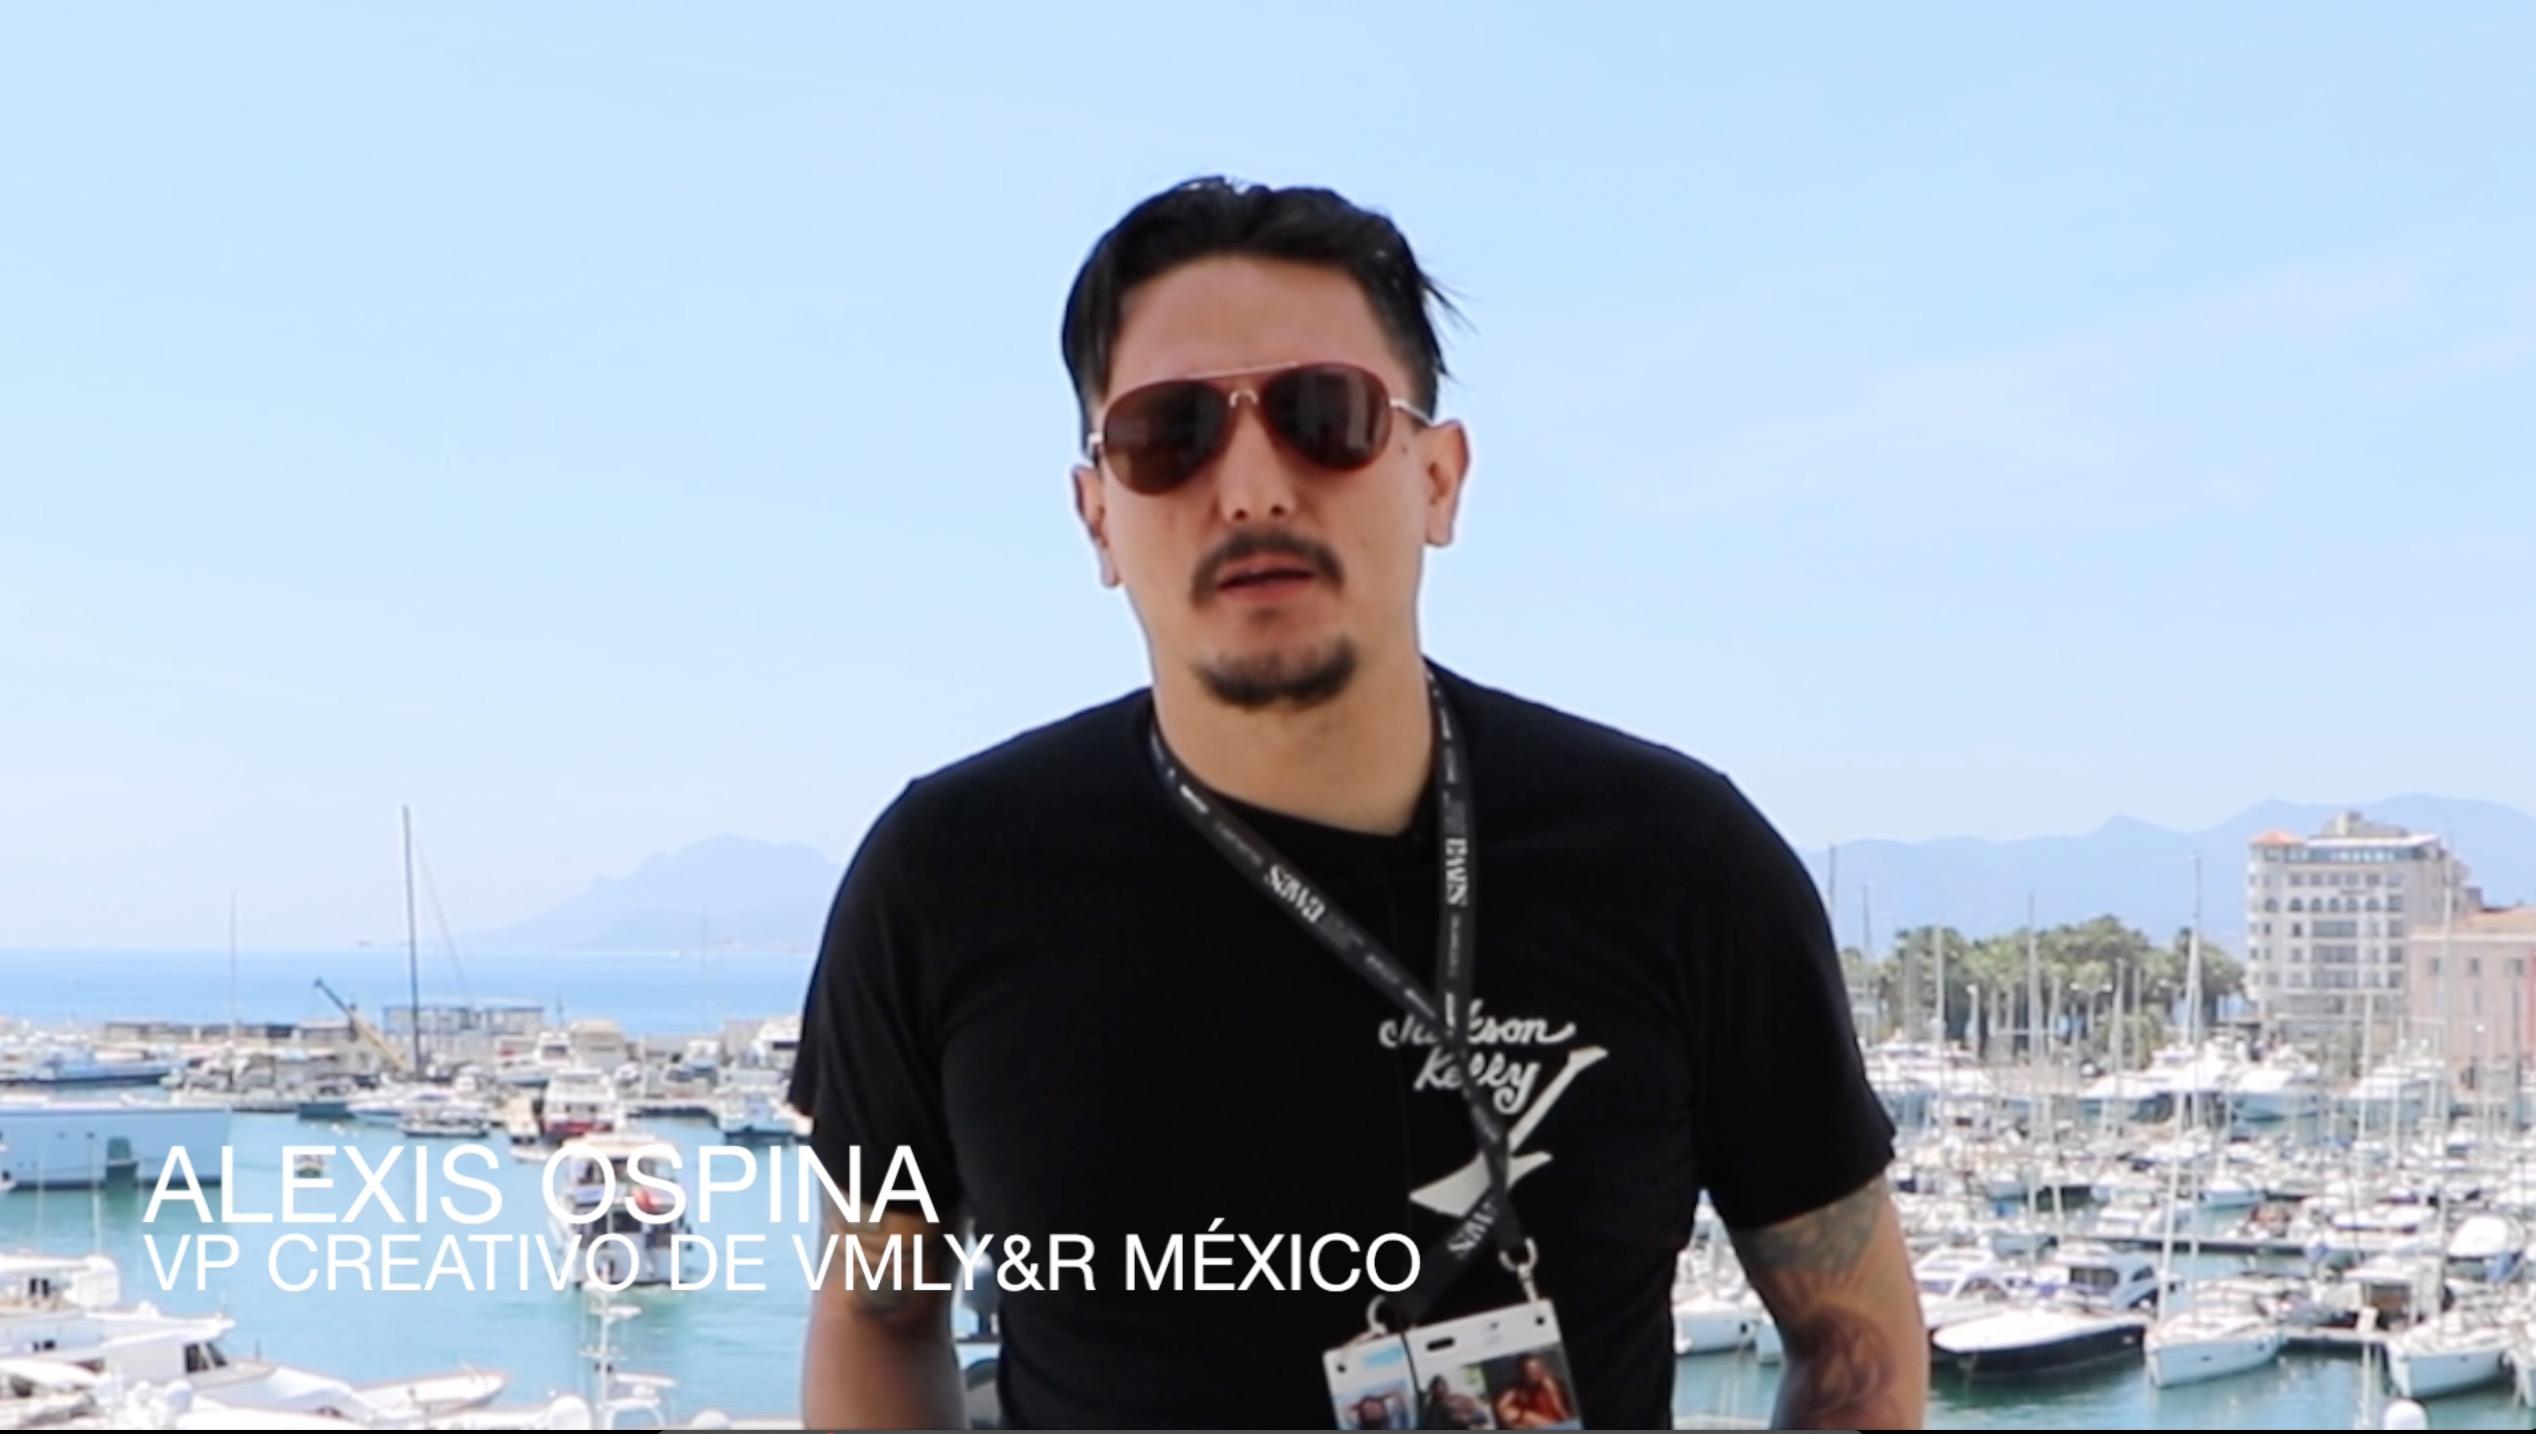 Alexis Ospina-VMLY&RMéxico